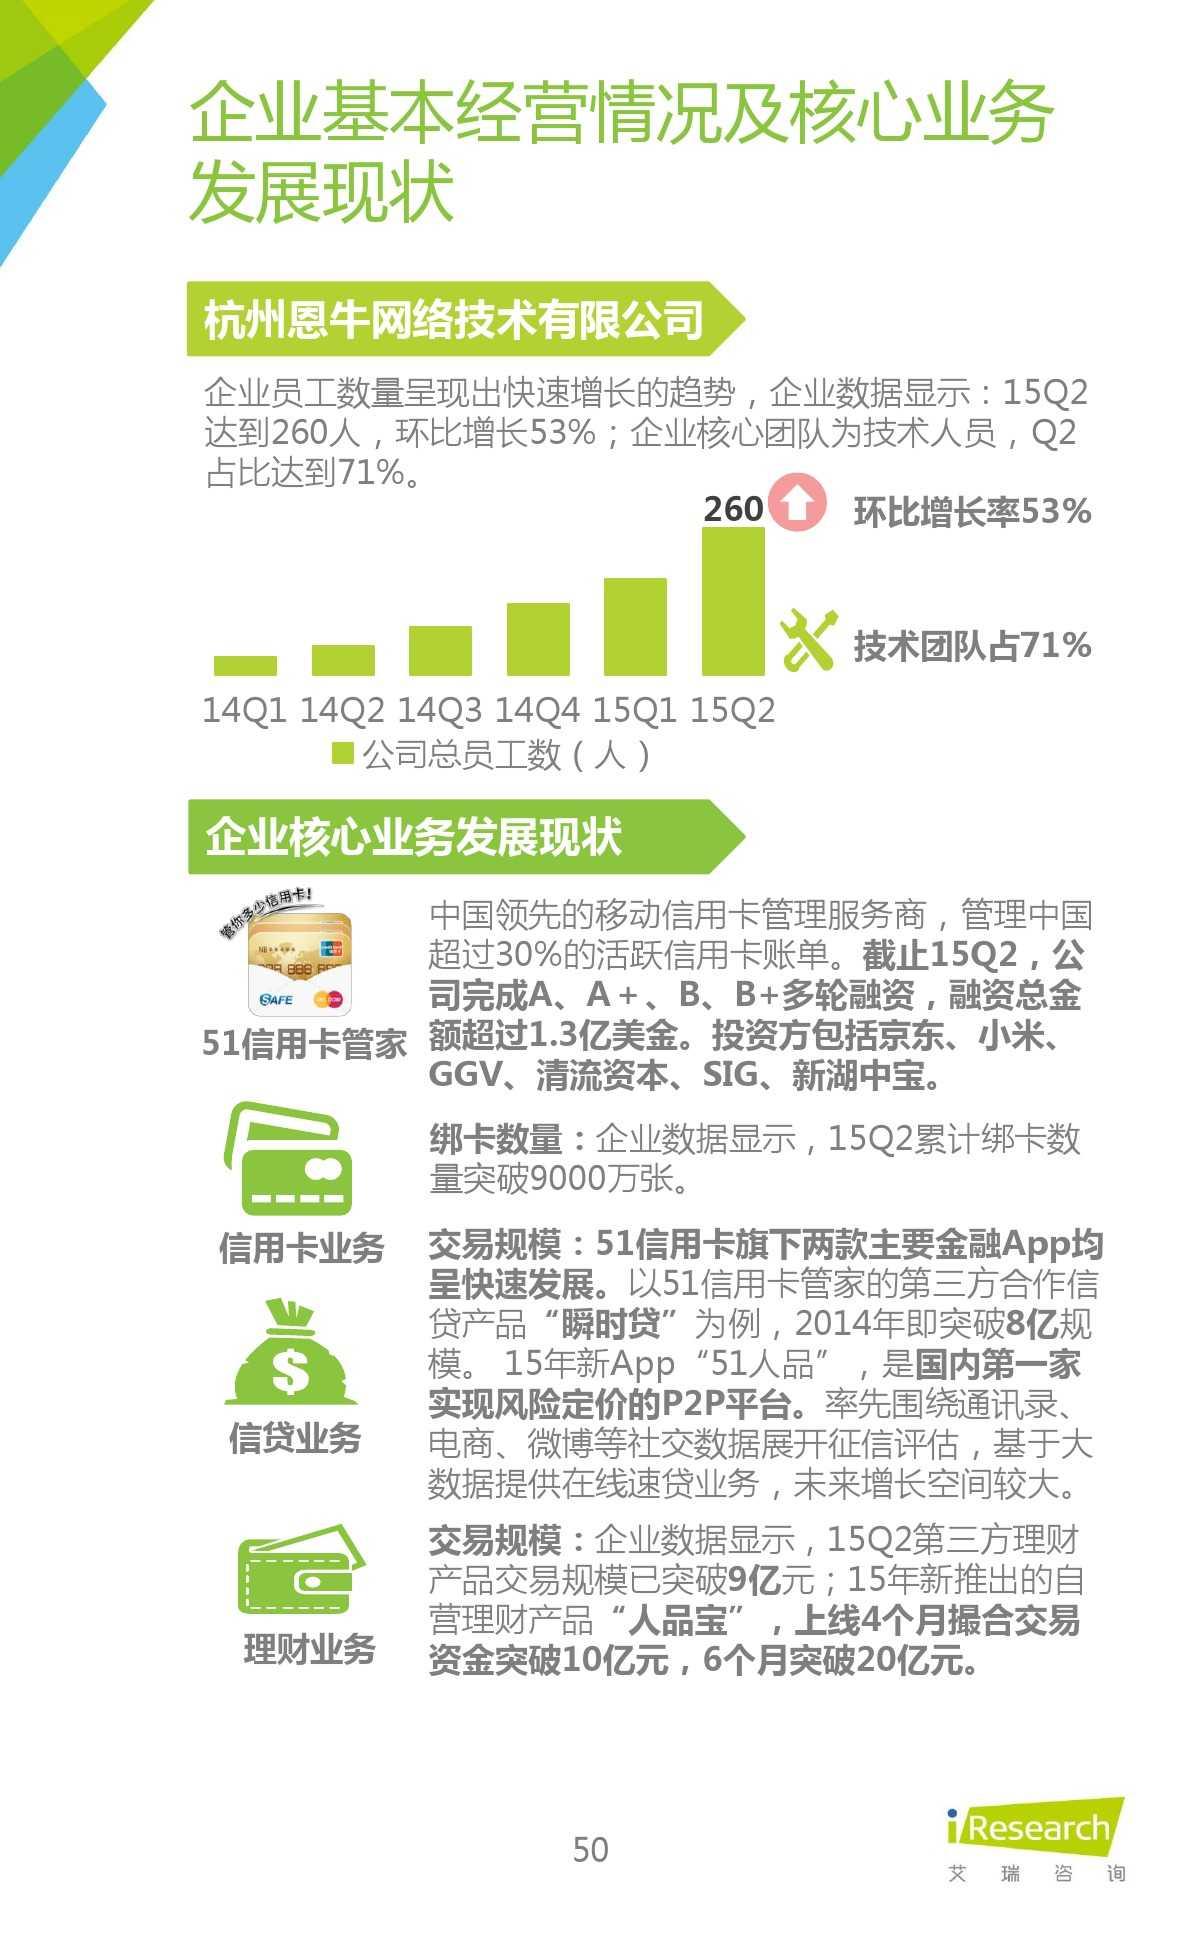 2015年中国生活理财移动App行业研究报告_000050